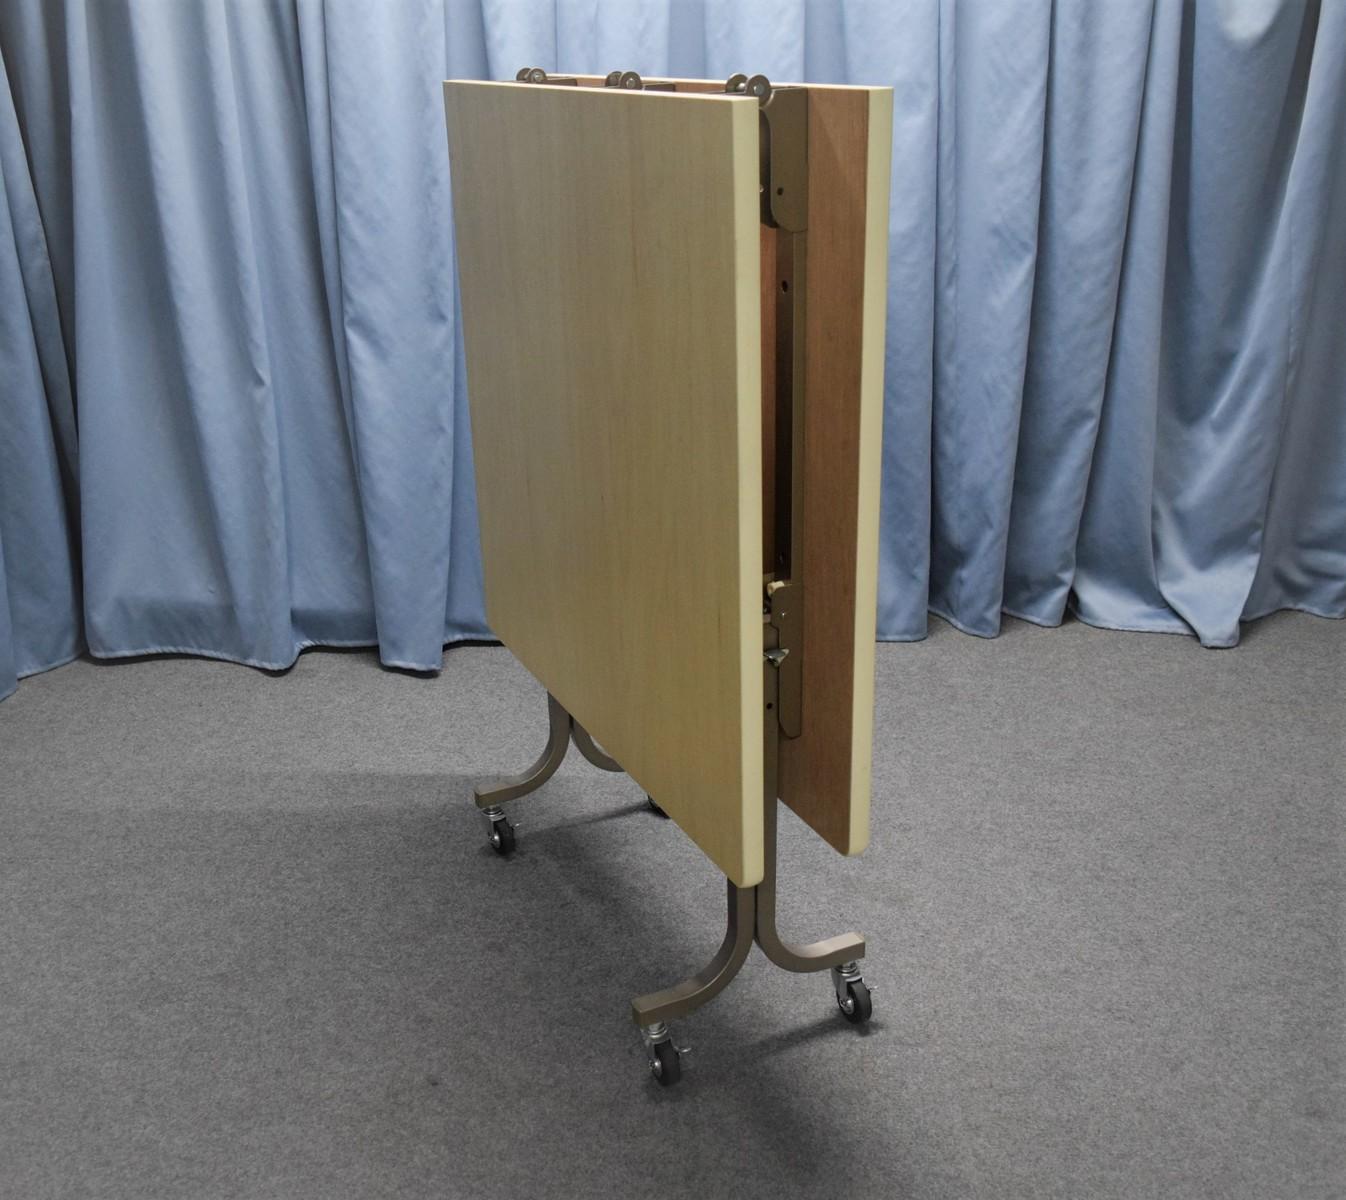 角フライトテーブル1800×900高さ700mm 天板:シナベニヤソフト巻 脚部:スチール製焼付塗装 特徴:折りたたみ式・キャスター付 商品コンディションランキング:A